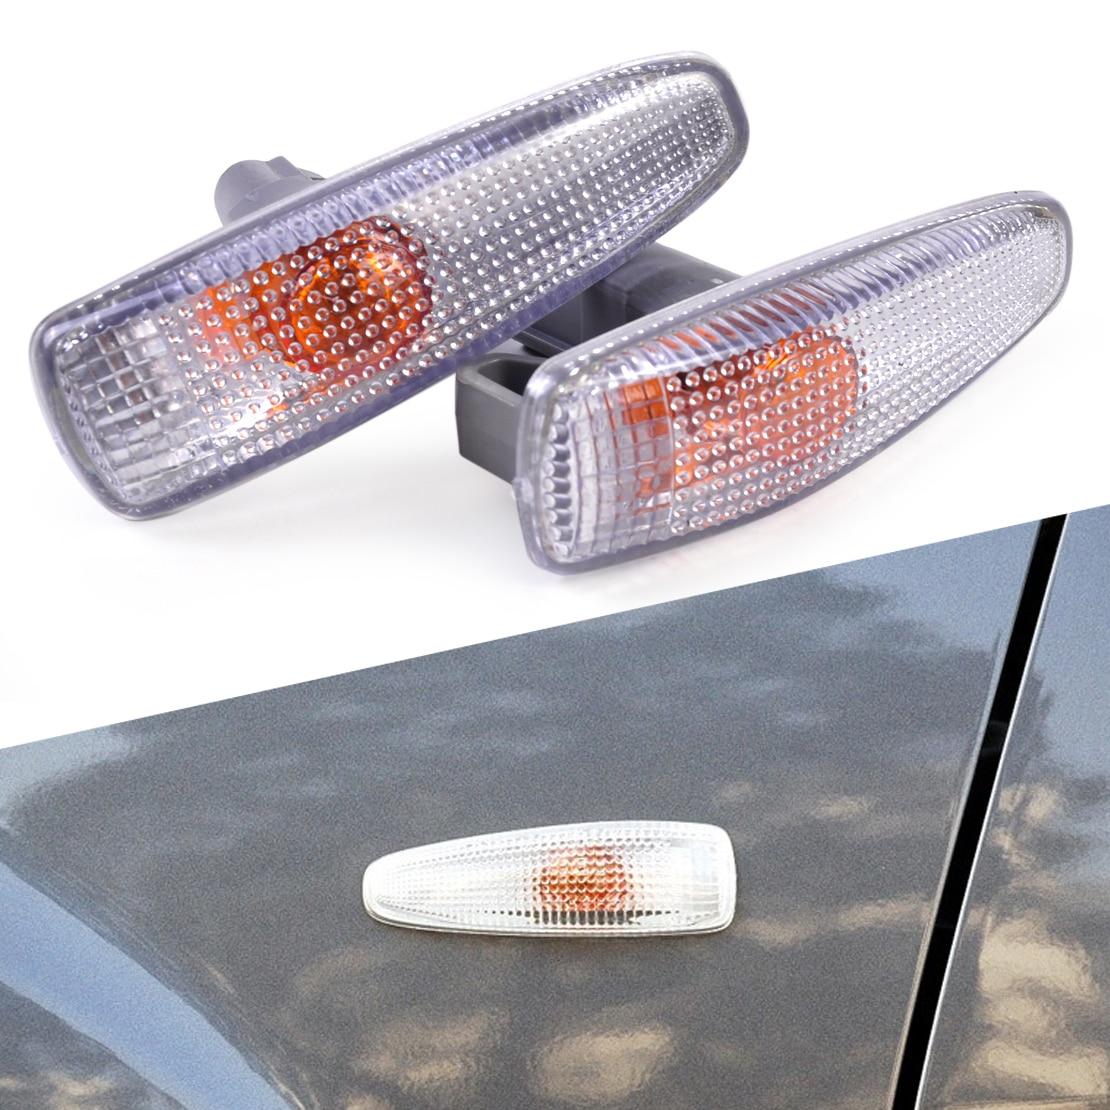 DWCX 8351A047 2pcs Turn Signal Lamp Lights Fender Side for Mitsubishi Lancer 2008 2009 2010 2011 2012 2013 2014